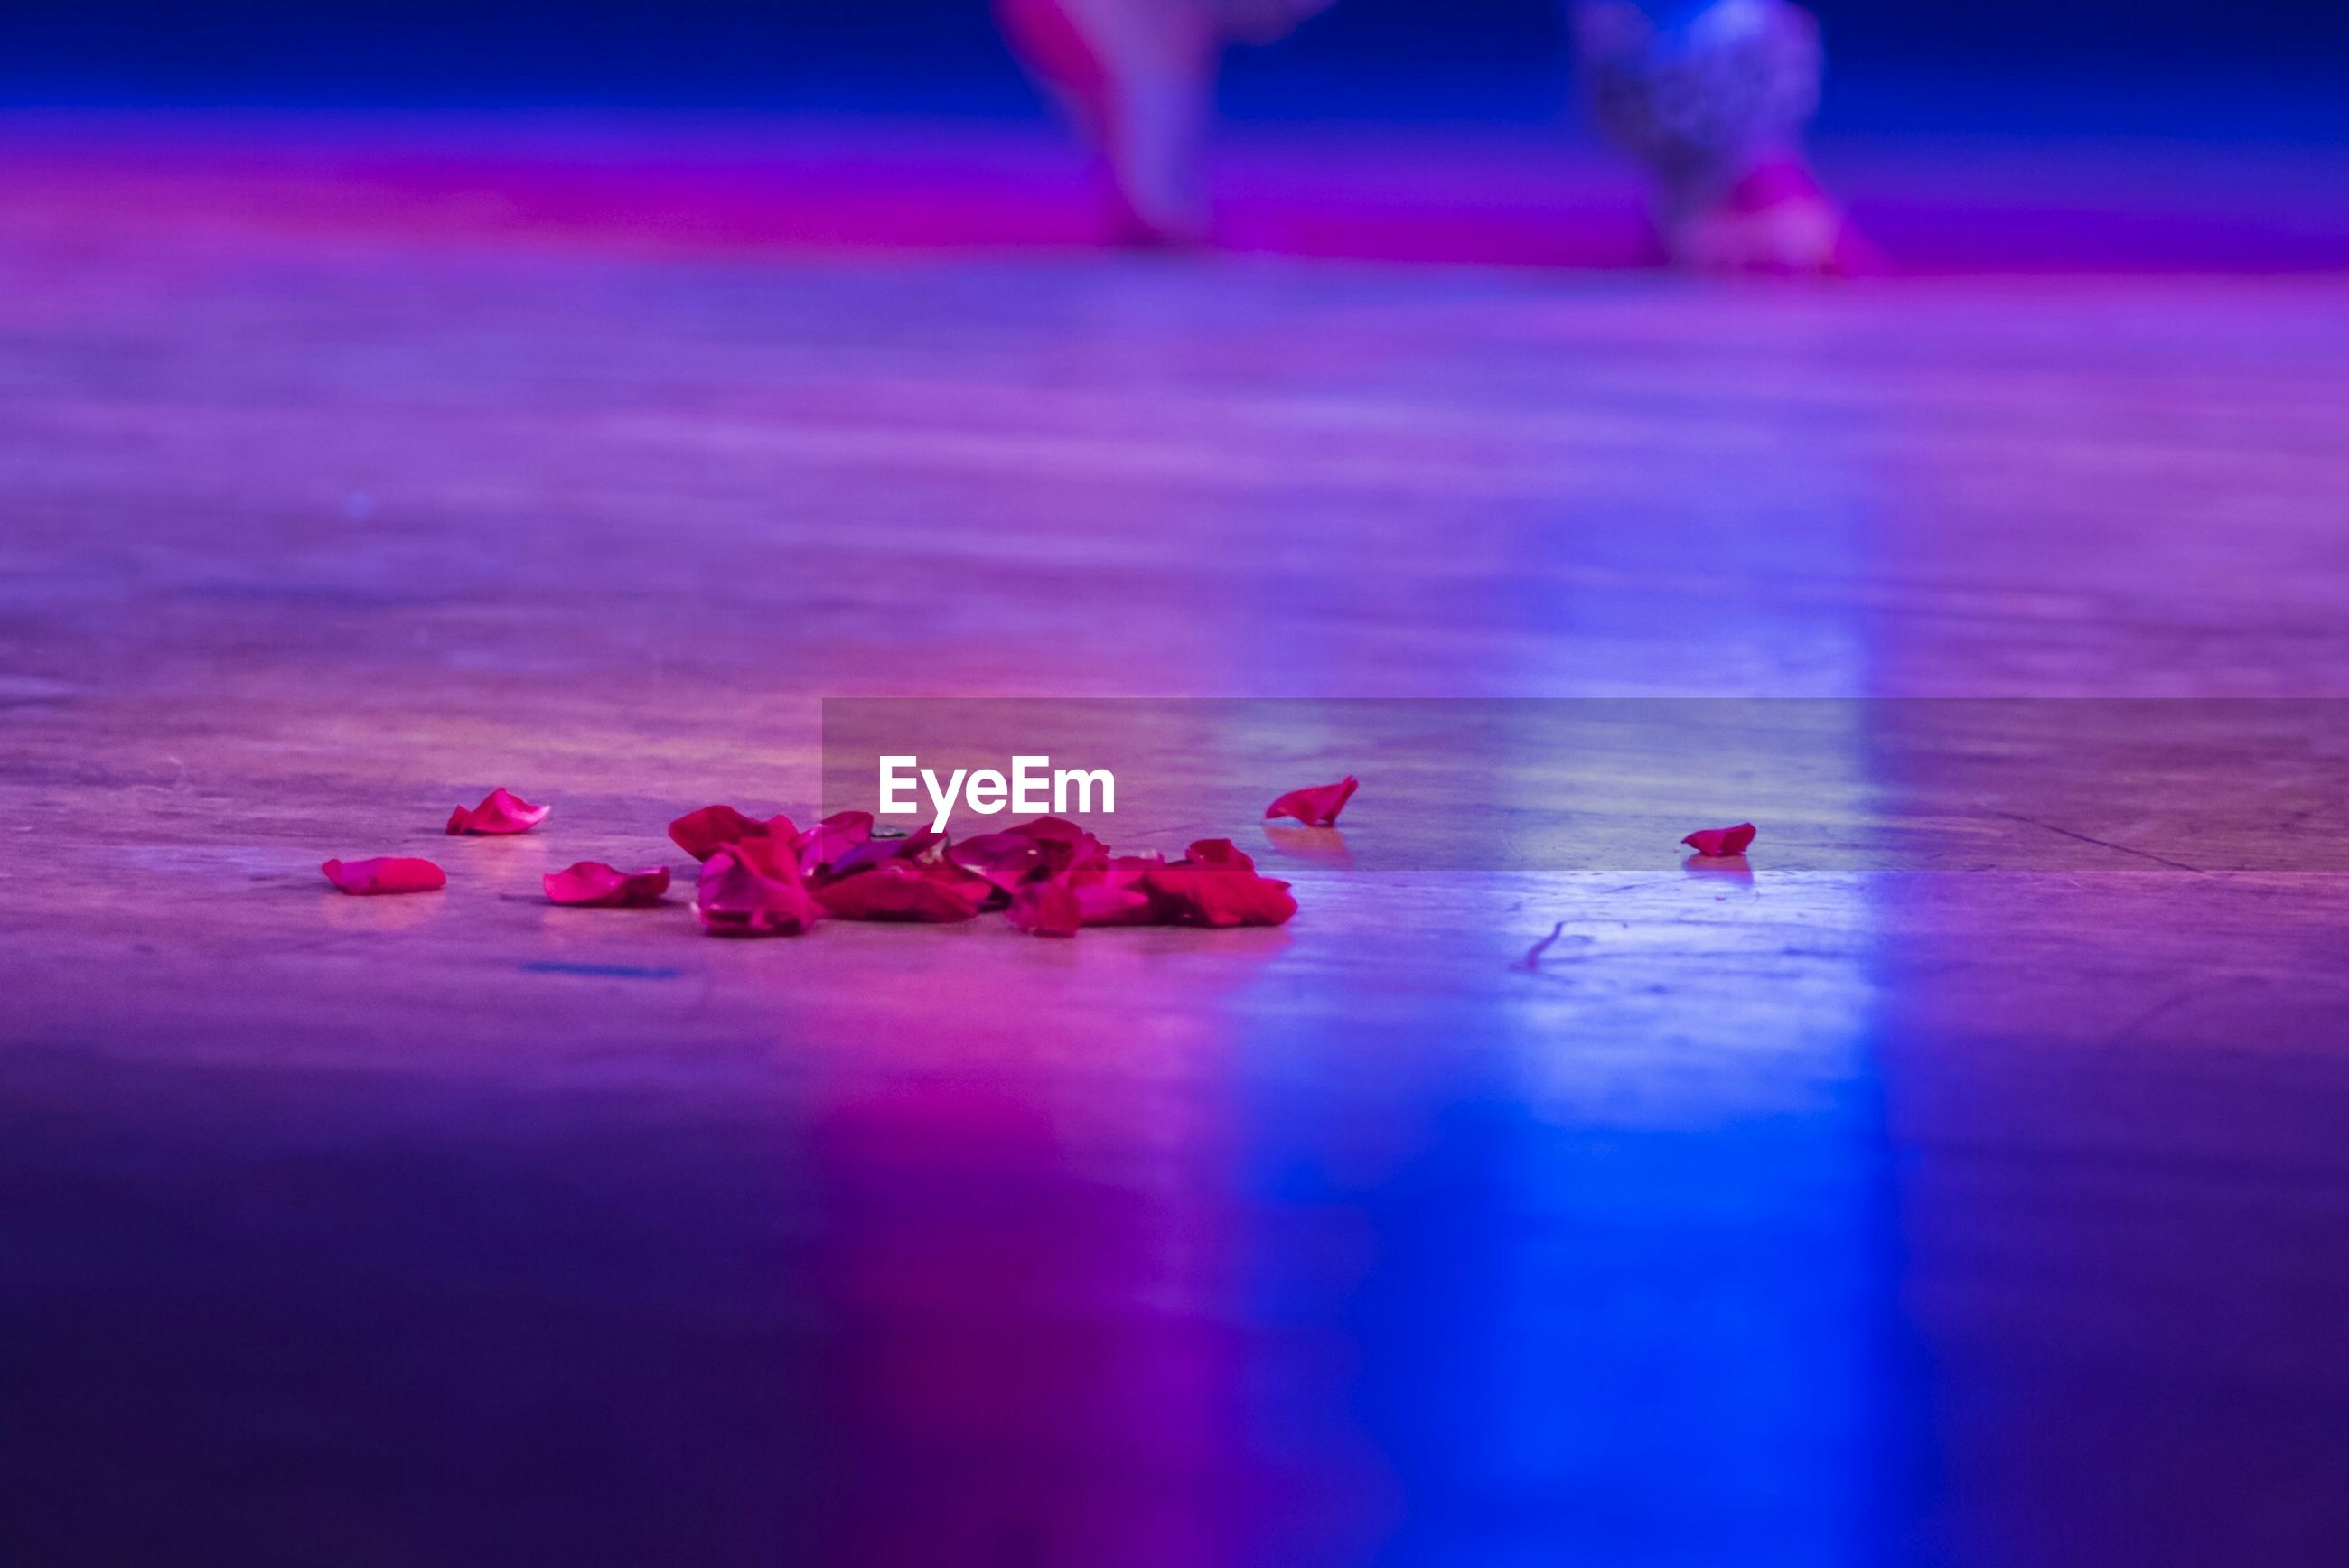 Petals on stage floor